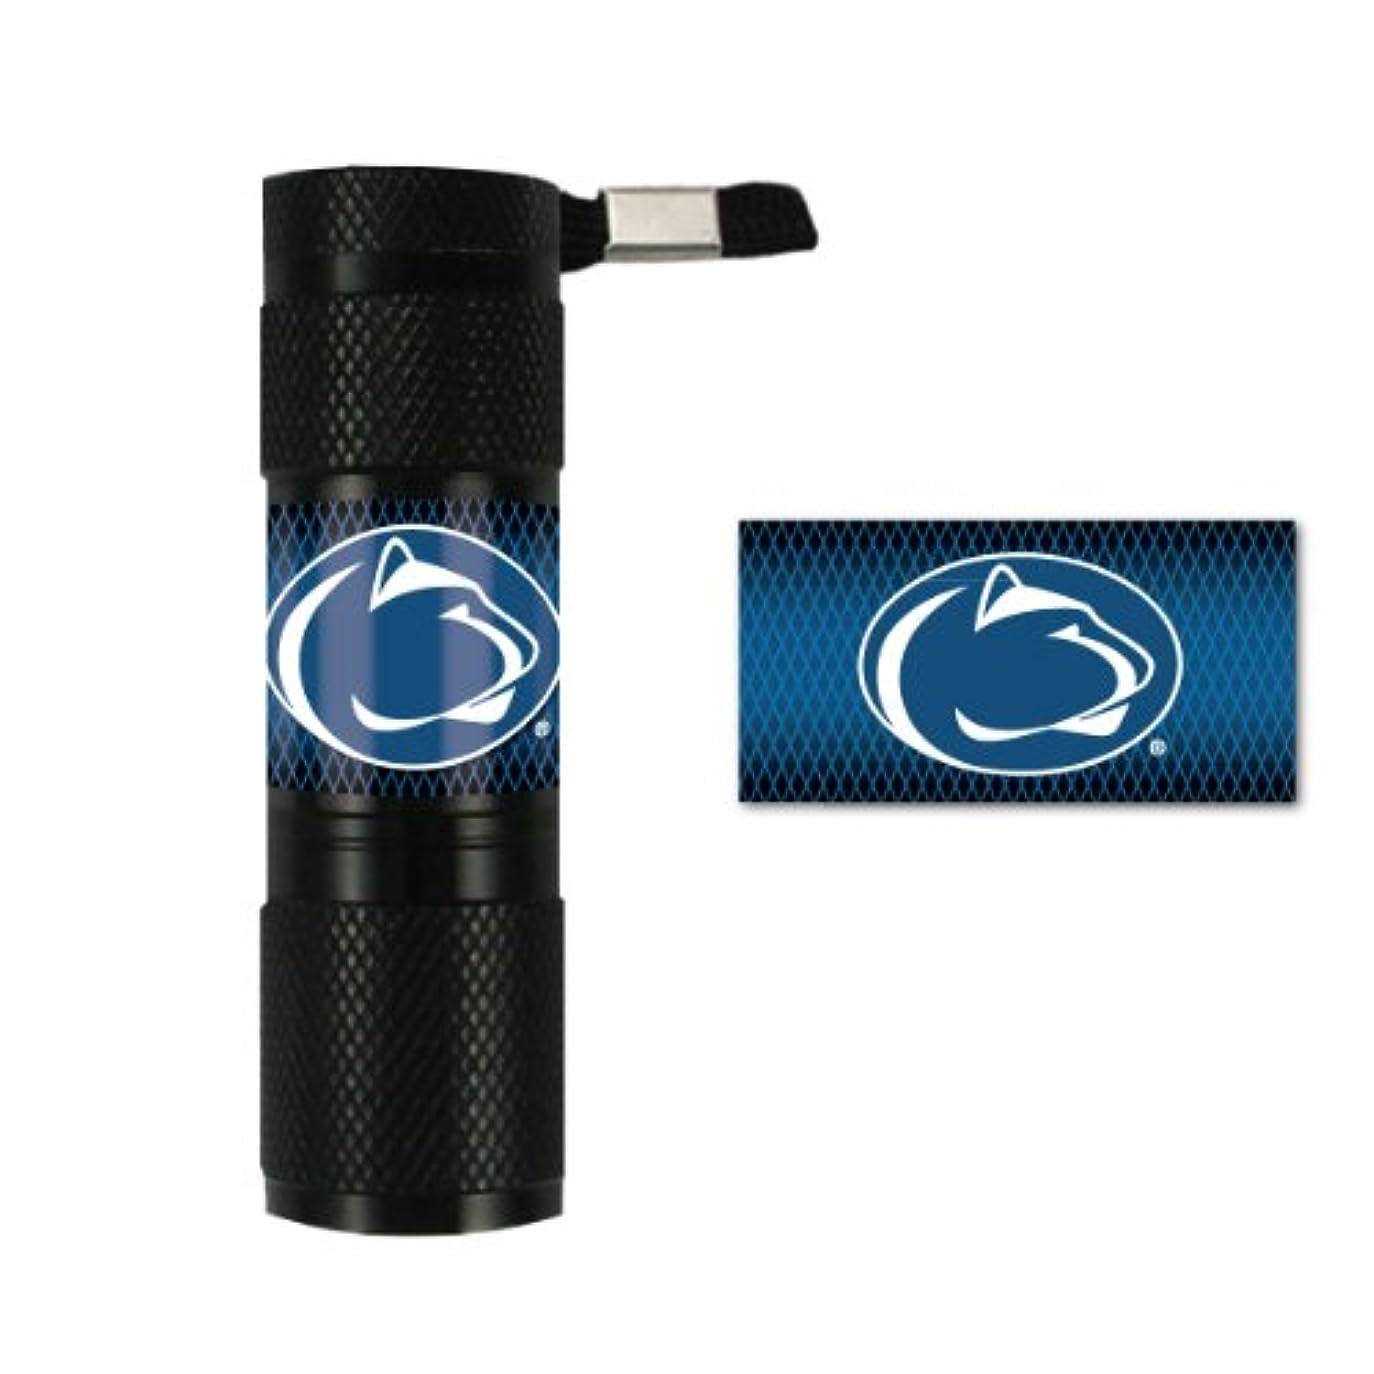 リズミカルな虐待直立Caseys Distribution 8162054354 Penn State Nittany Lions LED Flashlight